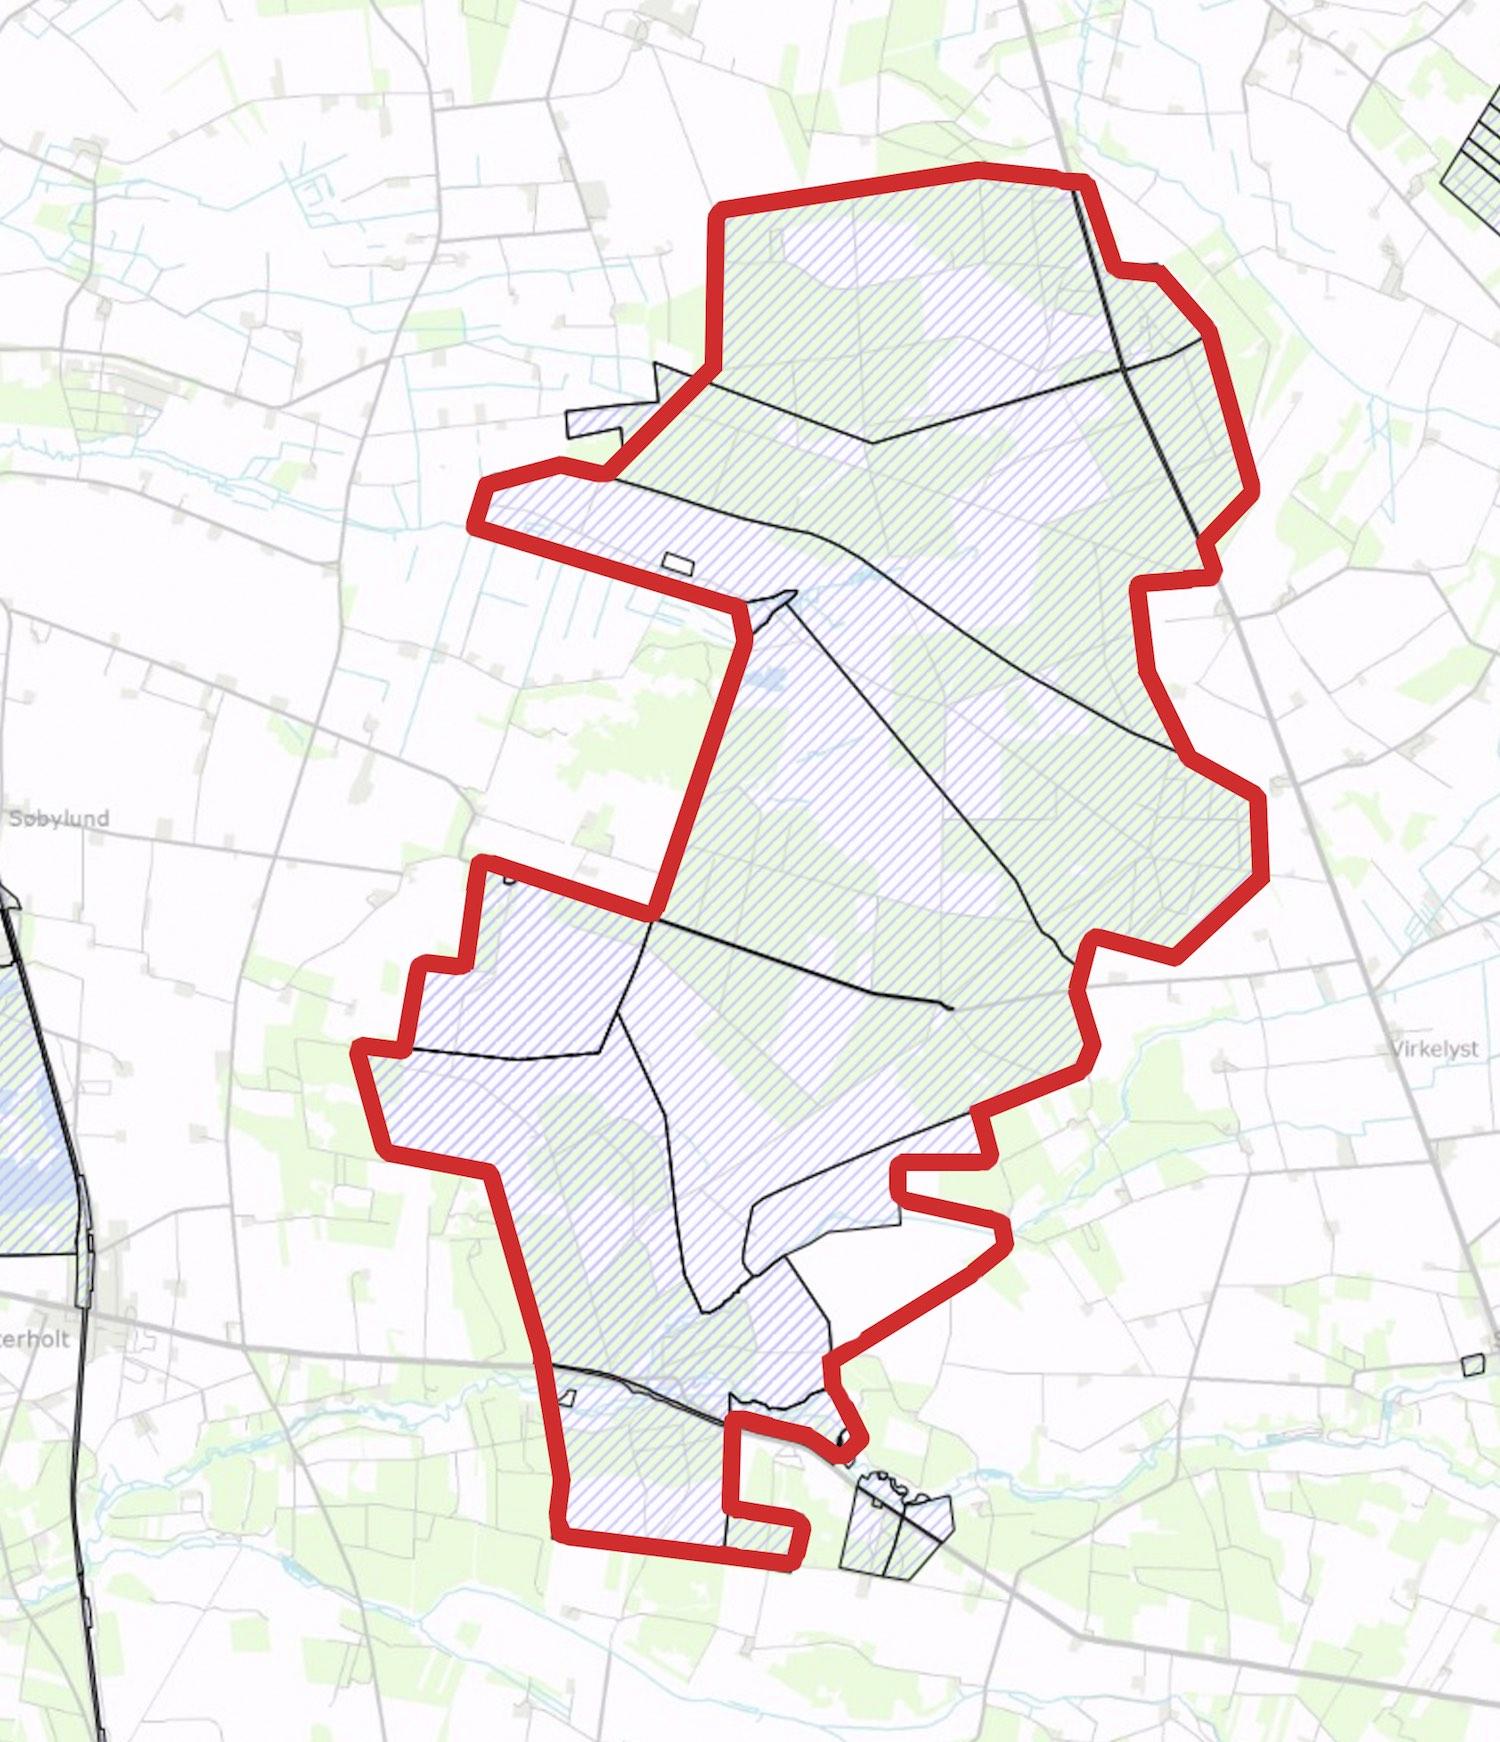 Staten ejer stort set hele det areal, der foreslås som Naturnationalpark Harrild Hede & Nørlund Skov bortset fra ca. 70 hektar, som med fordel kunne opkøbes i tilknytning til Harrild Hede